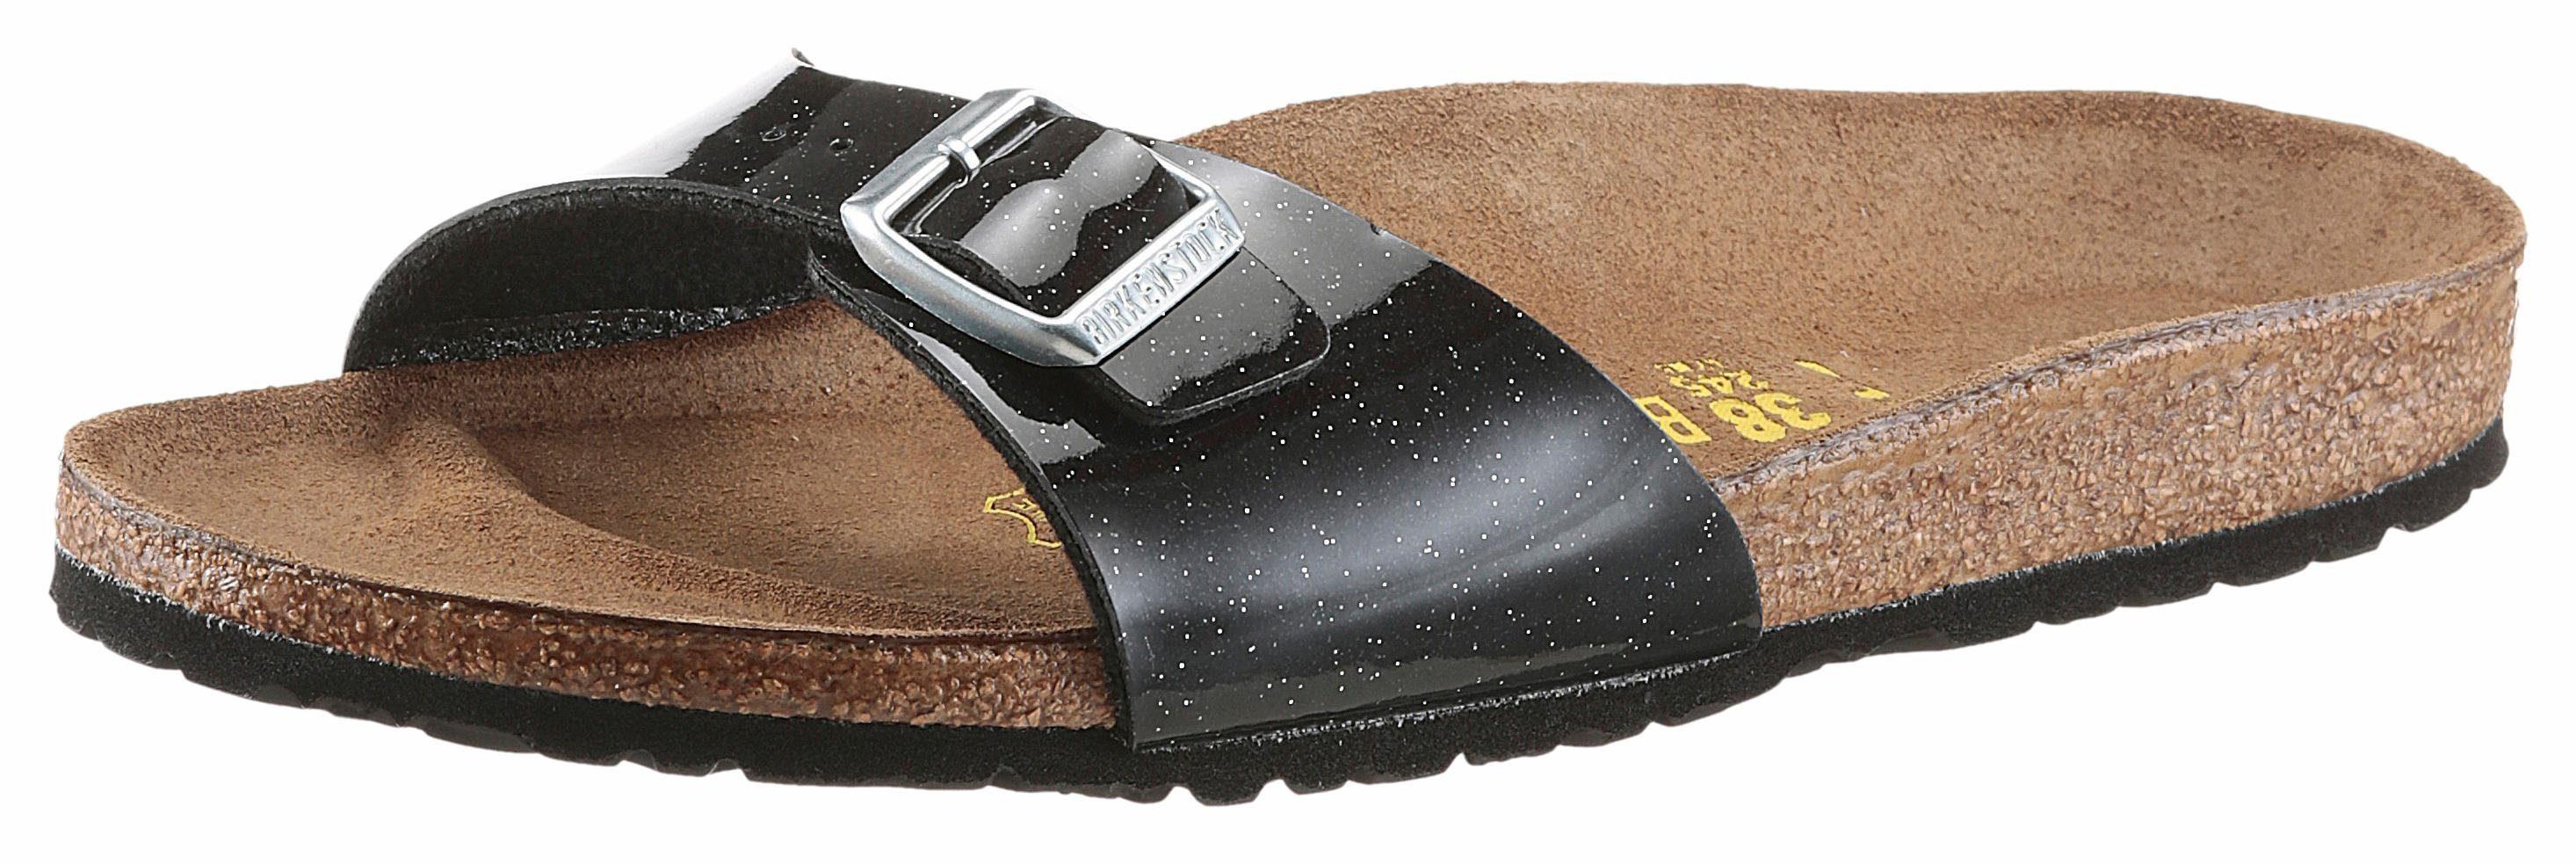 Birkenstock MADRID MAGIC GALAXY Pantolette, mit ergonomisch geformtem Fußbett online kaufen  schwarz